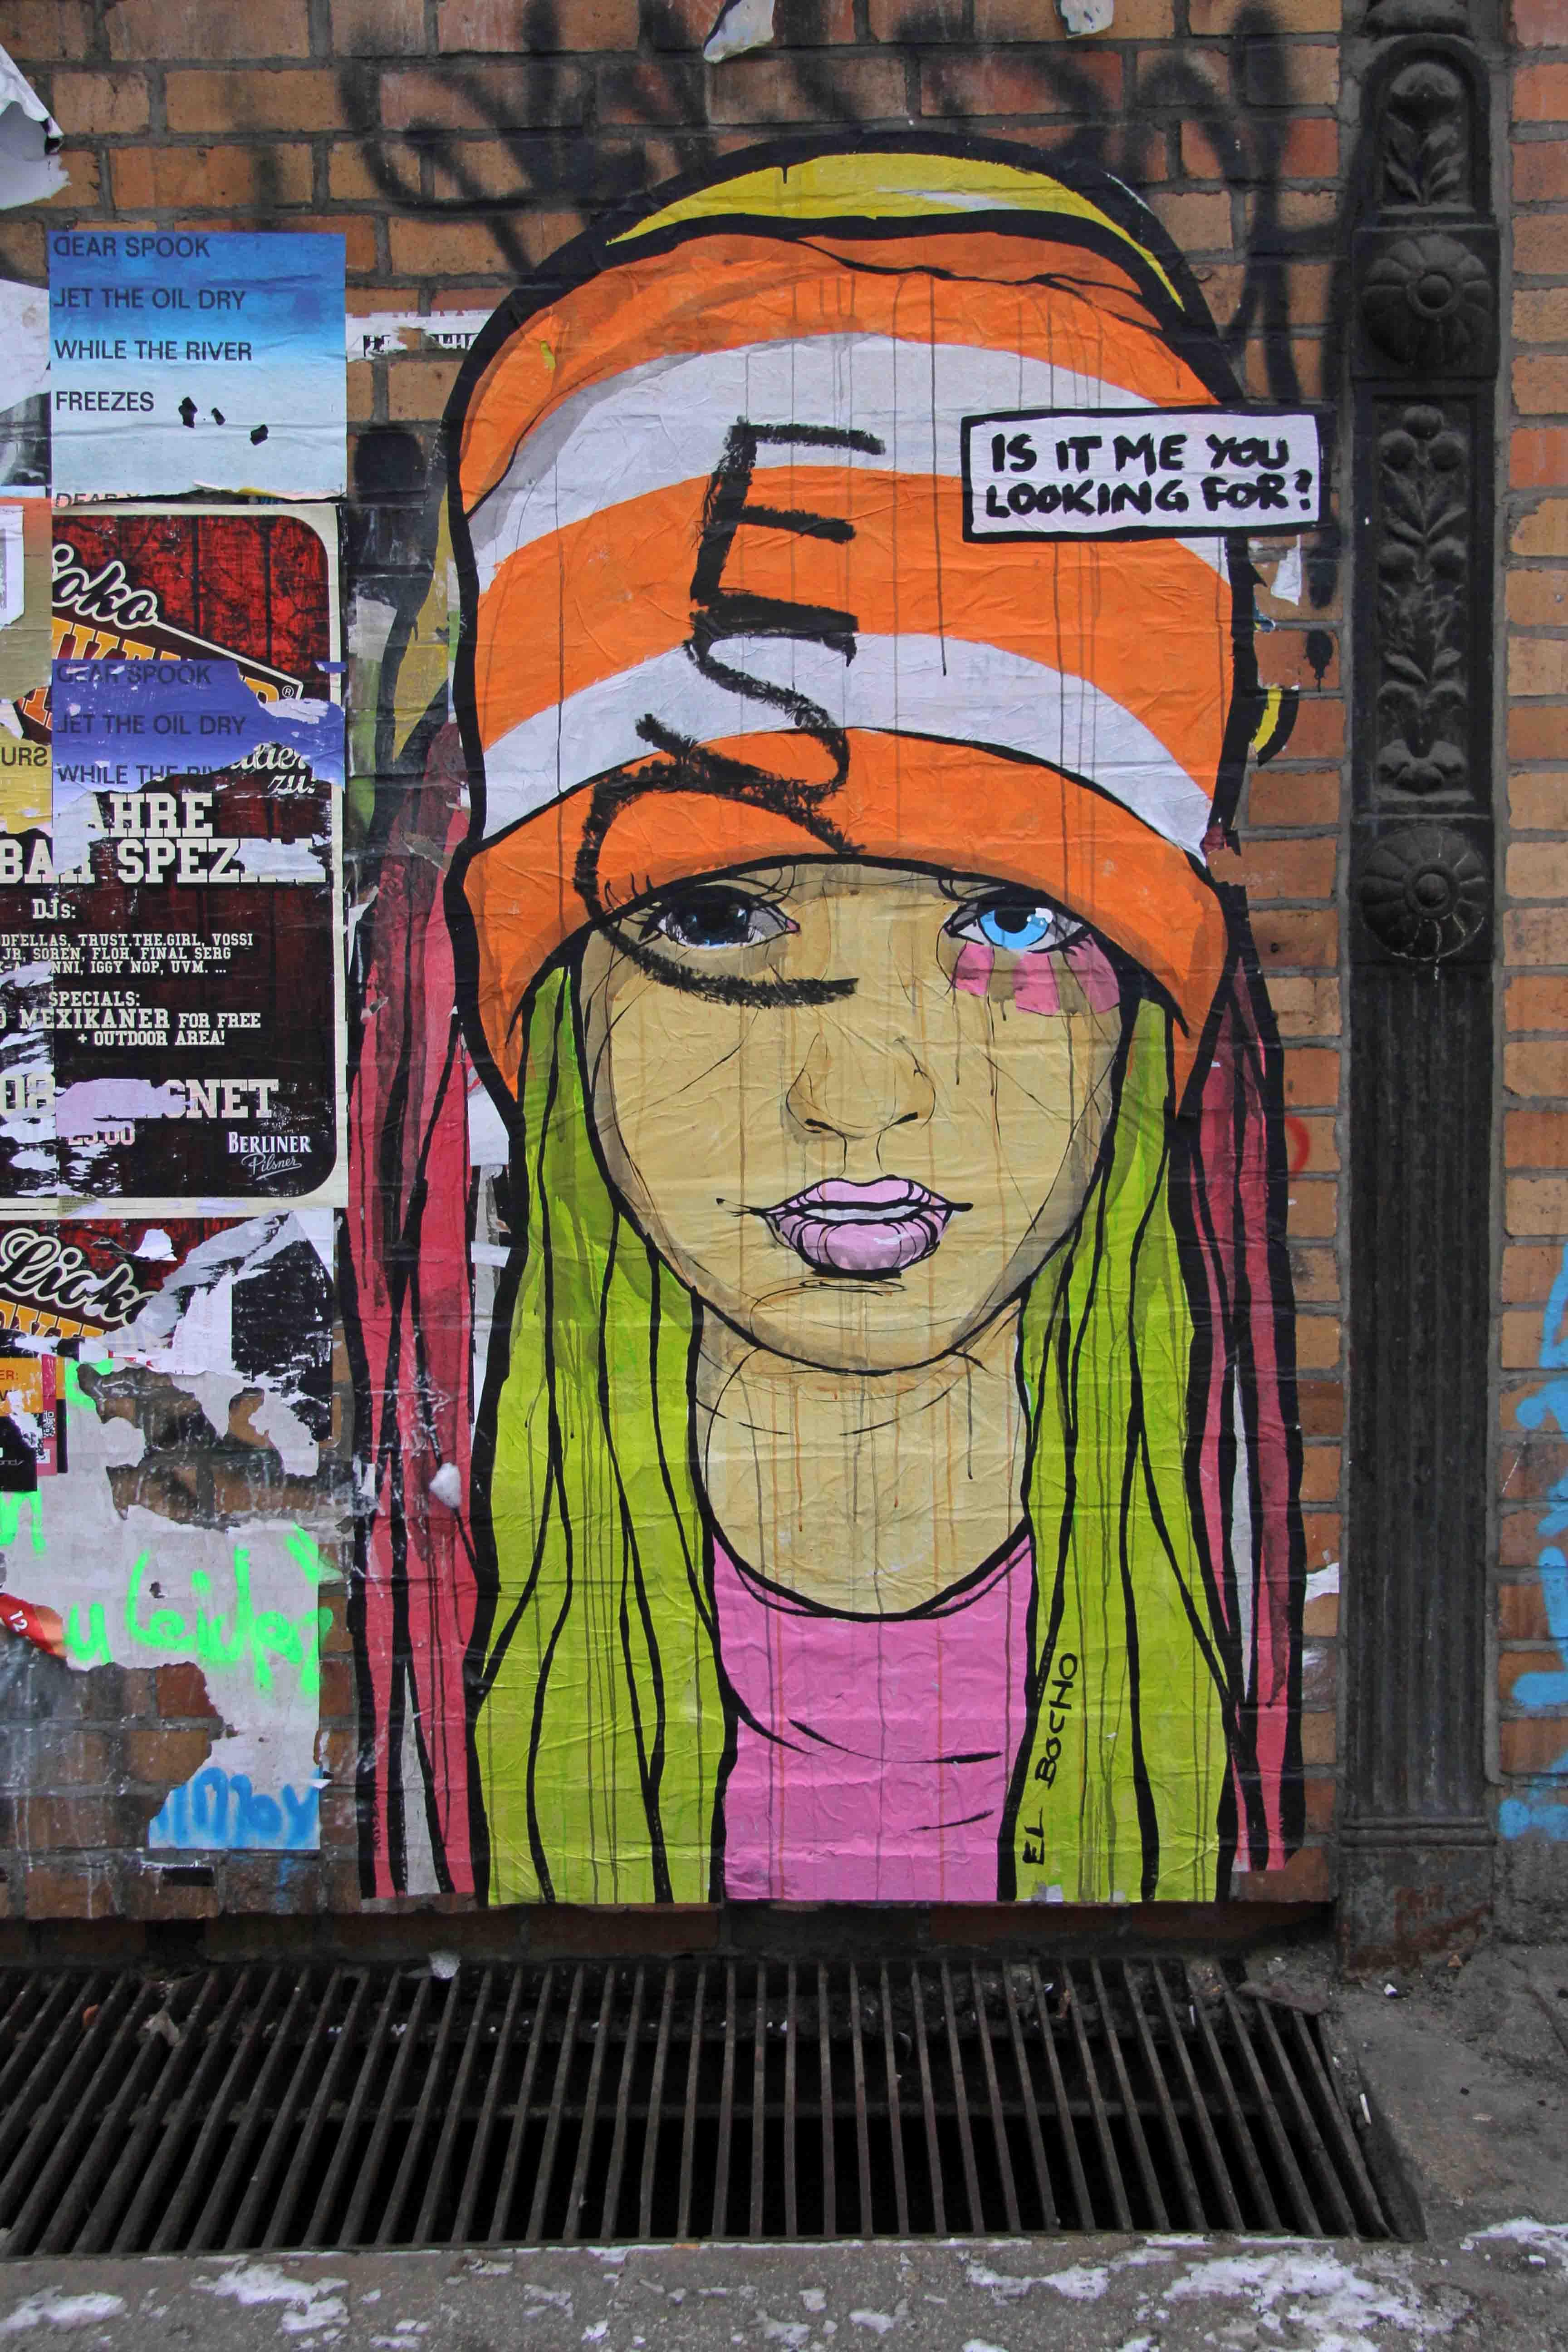 Is It Me You Looking For? - Street Art by El Bocho in Berlin